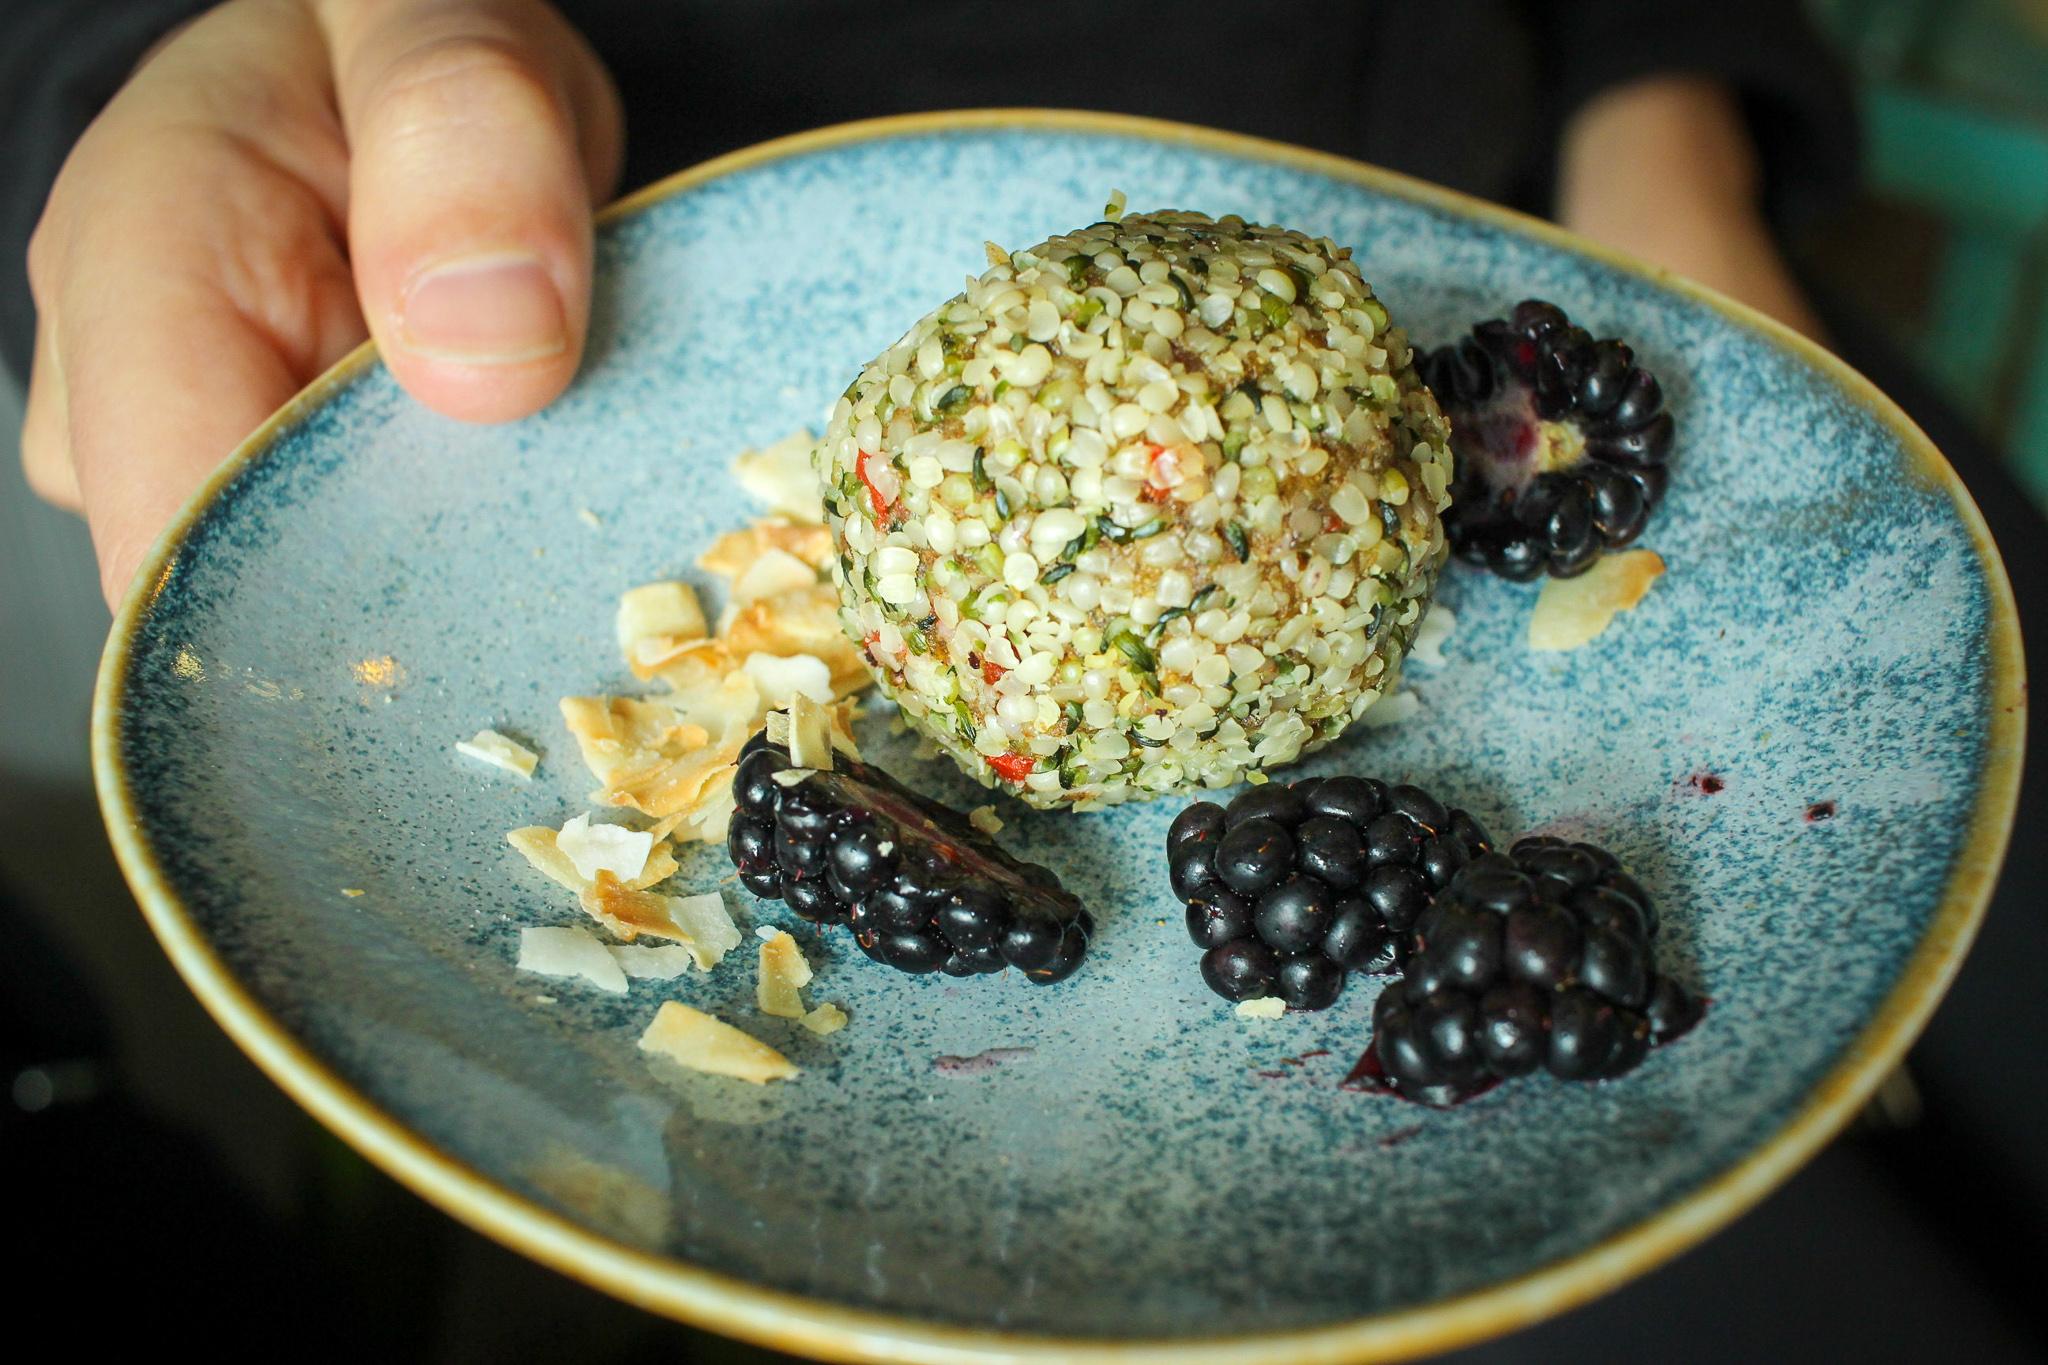 Adaptogen ambrosia ball: dates, goji berries, golden berries, hemp seeds, chia seeds, coconut butter, maca, cinnamon, cardamom, coconut oil.